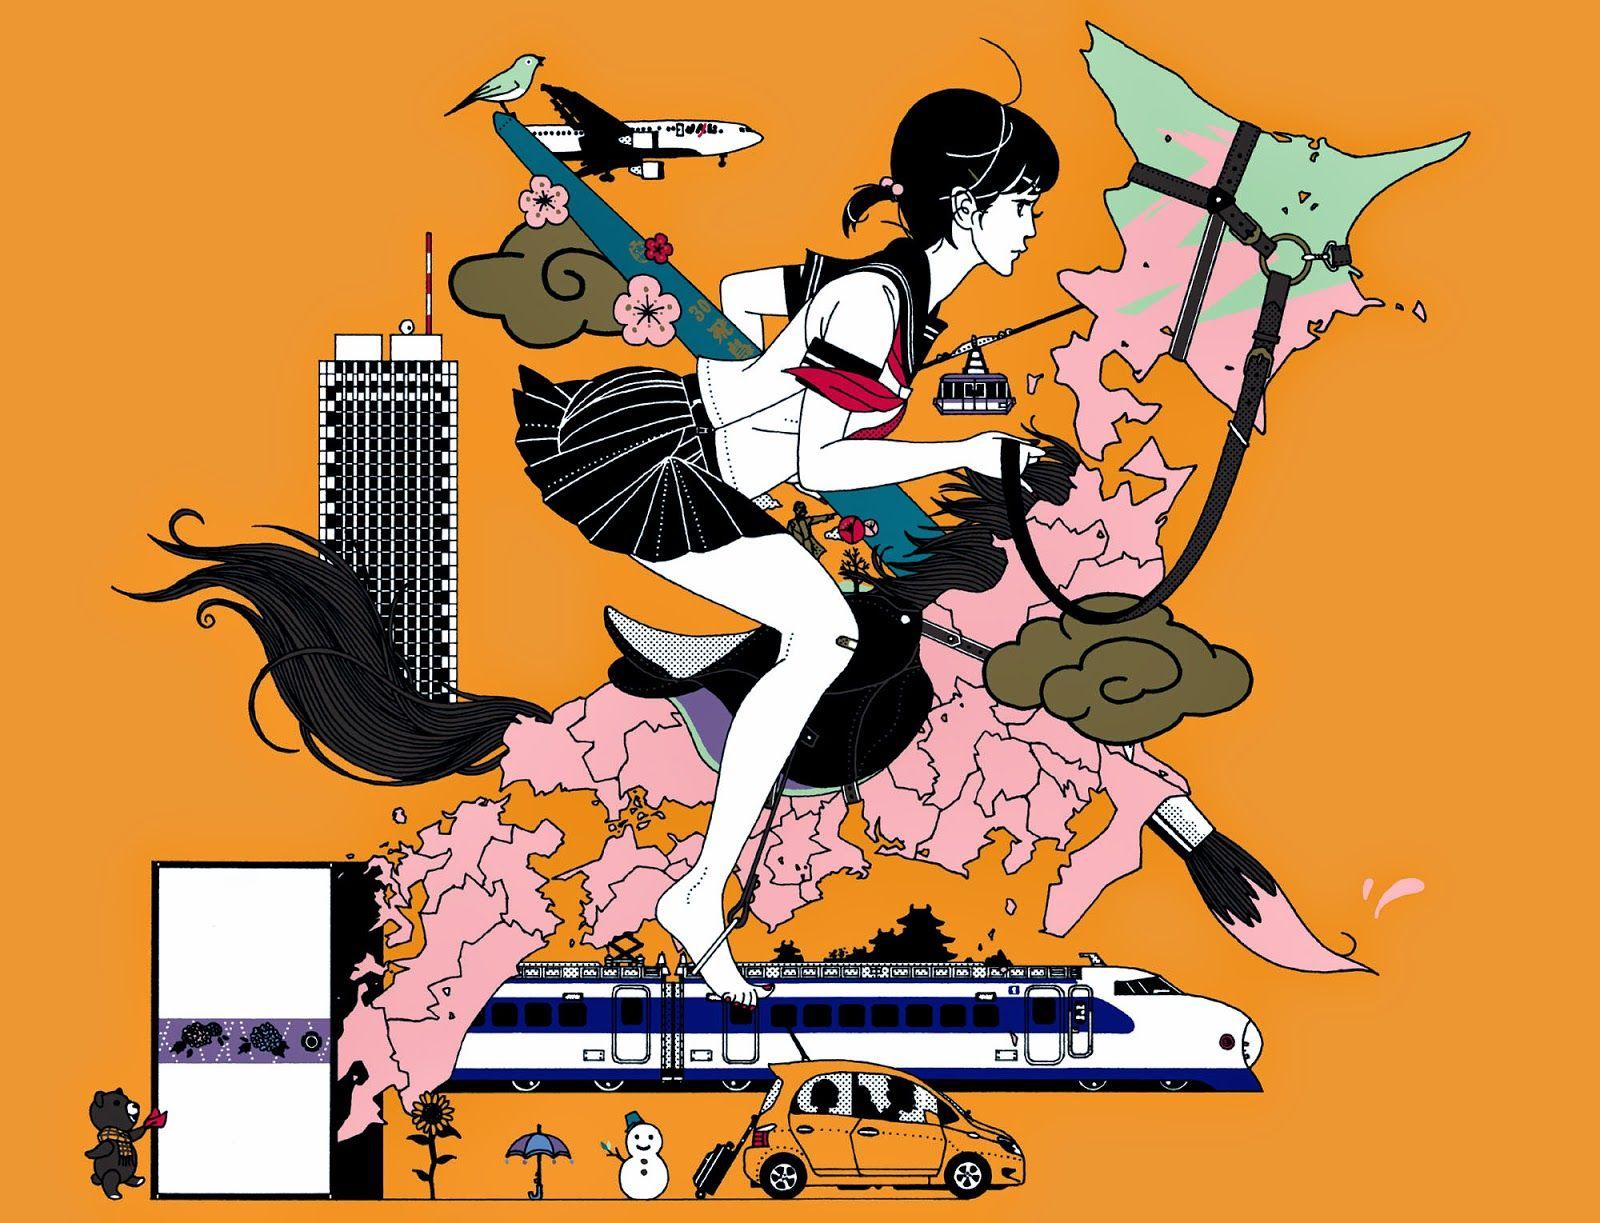 中村佑介 Yusuke Nakamura Illustrations And Posters Art Graphic Illustration